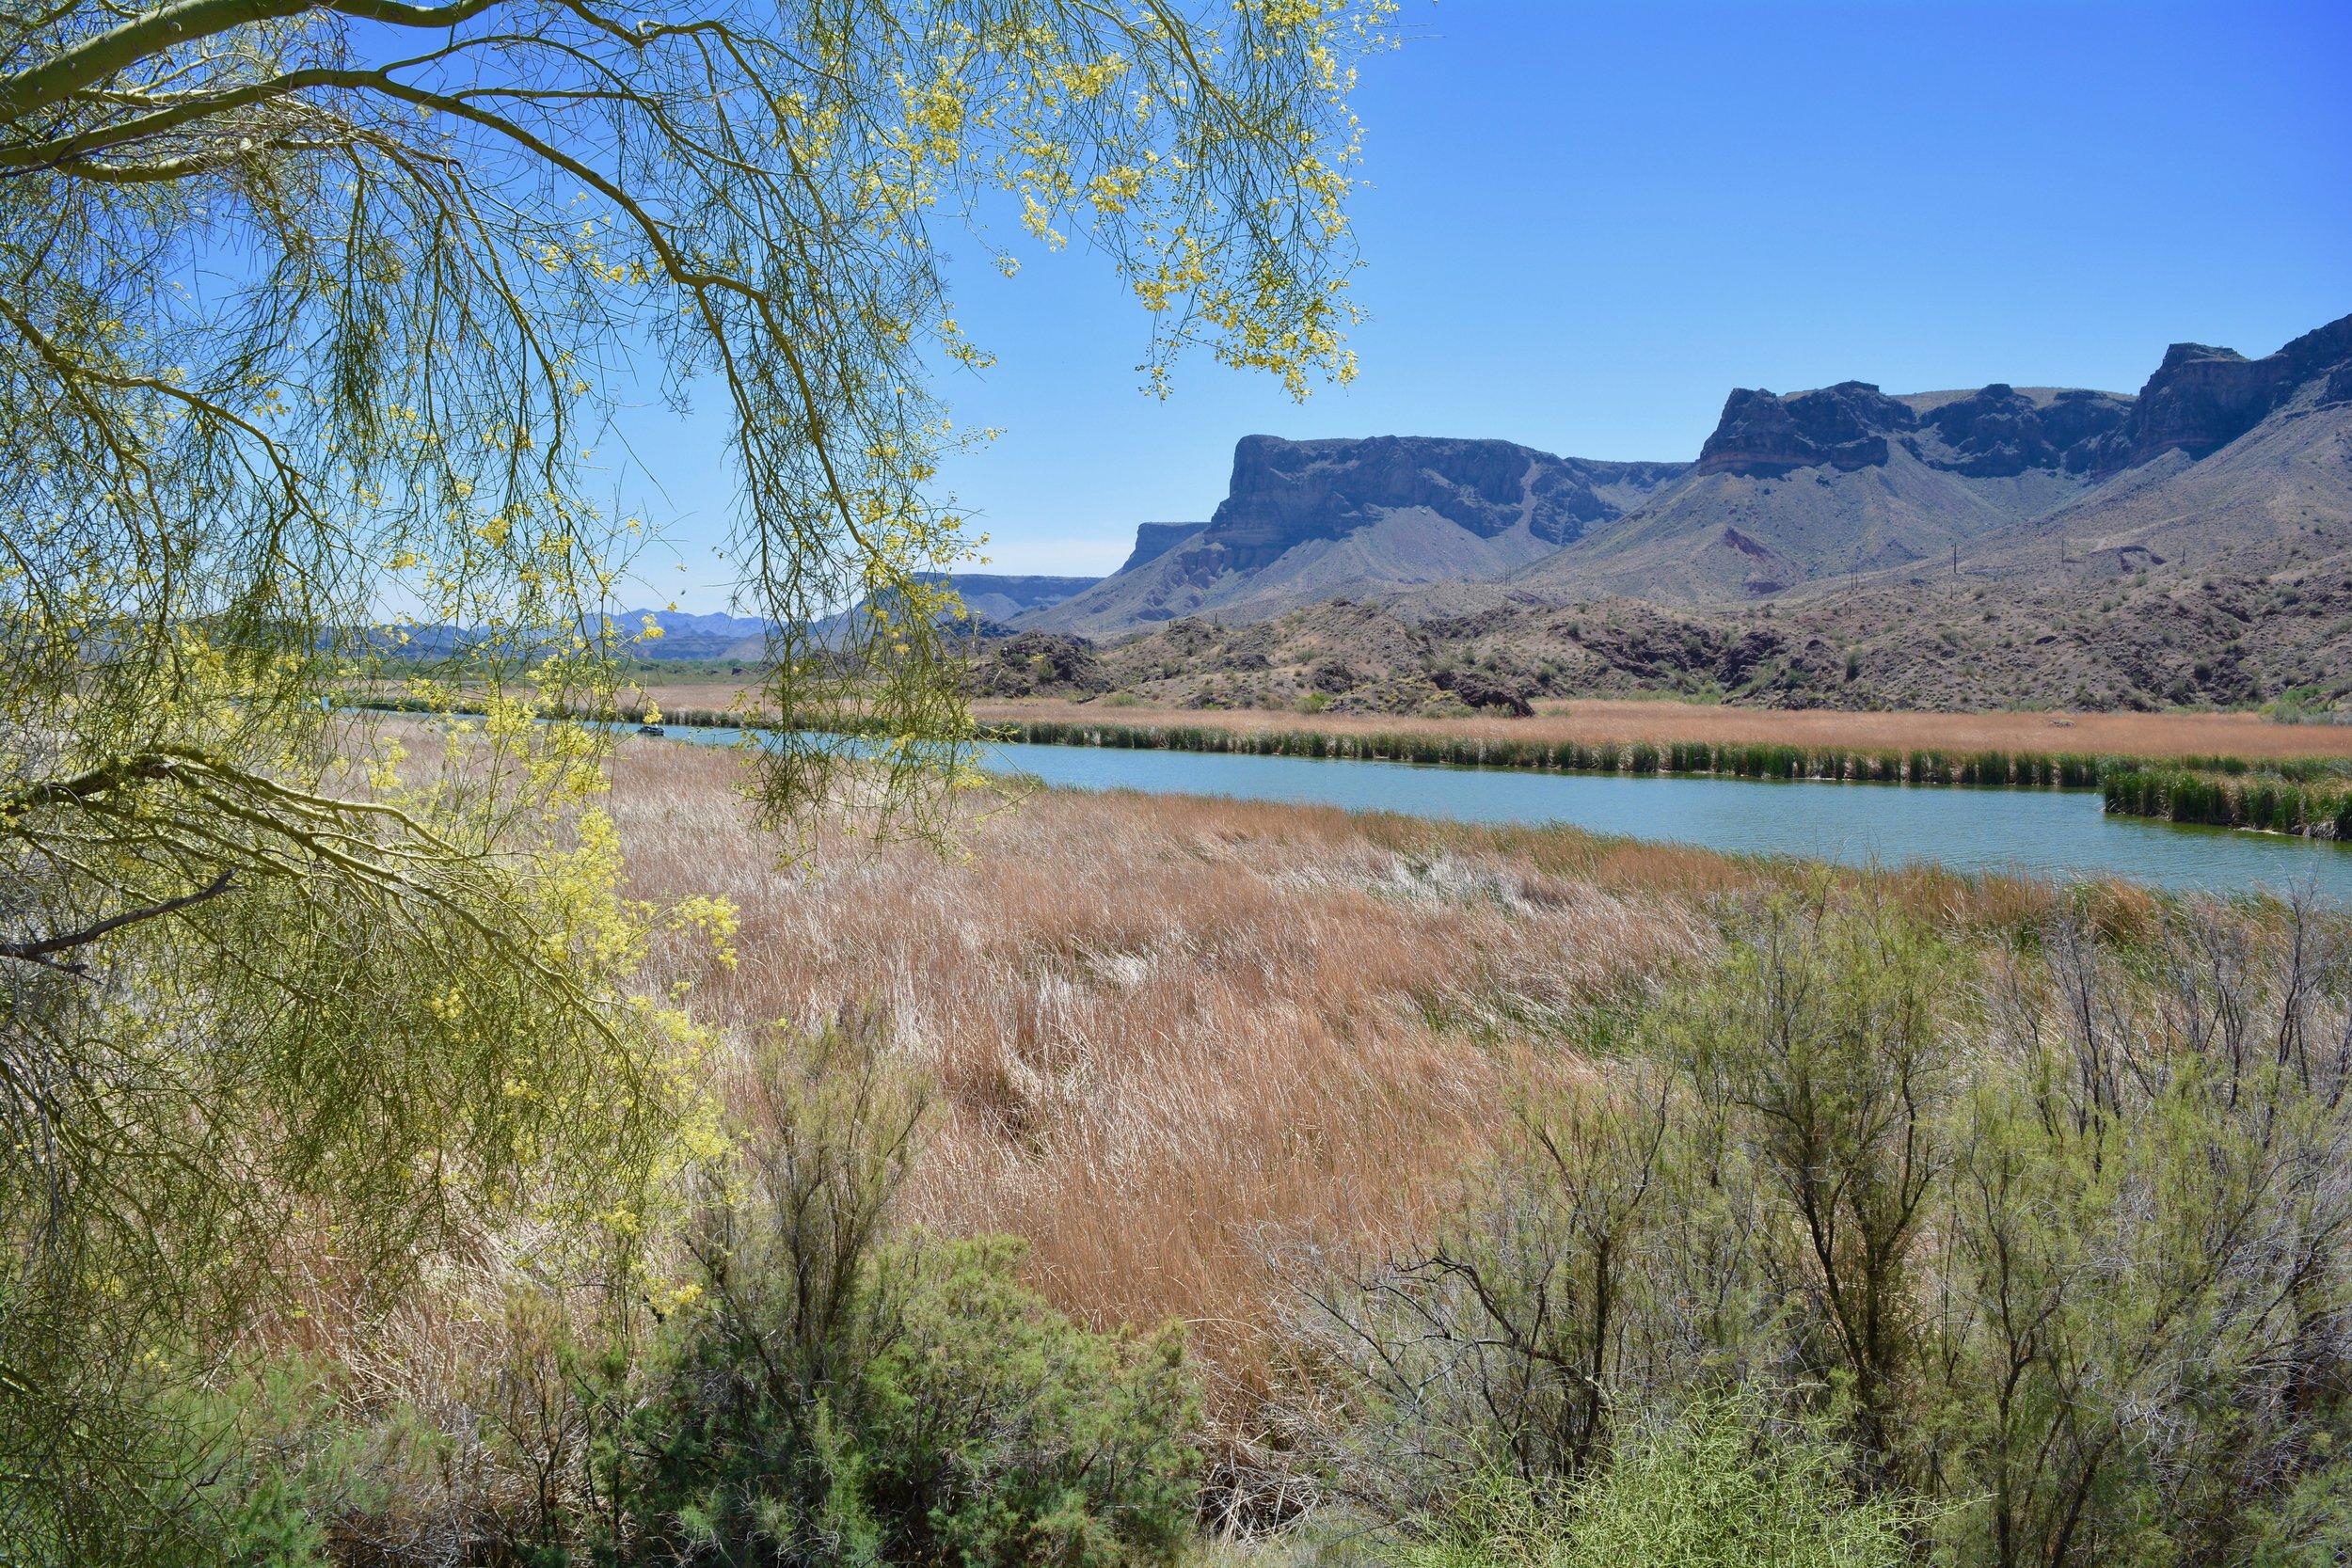 Lake Havasu near Parker, AZ